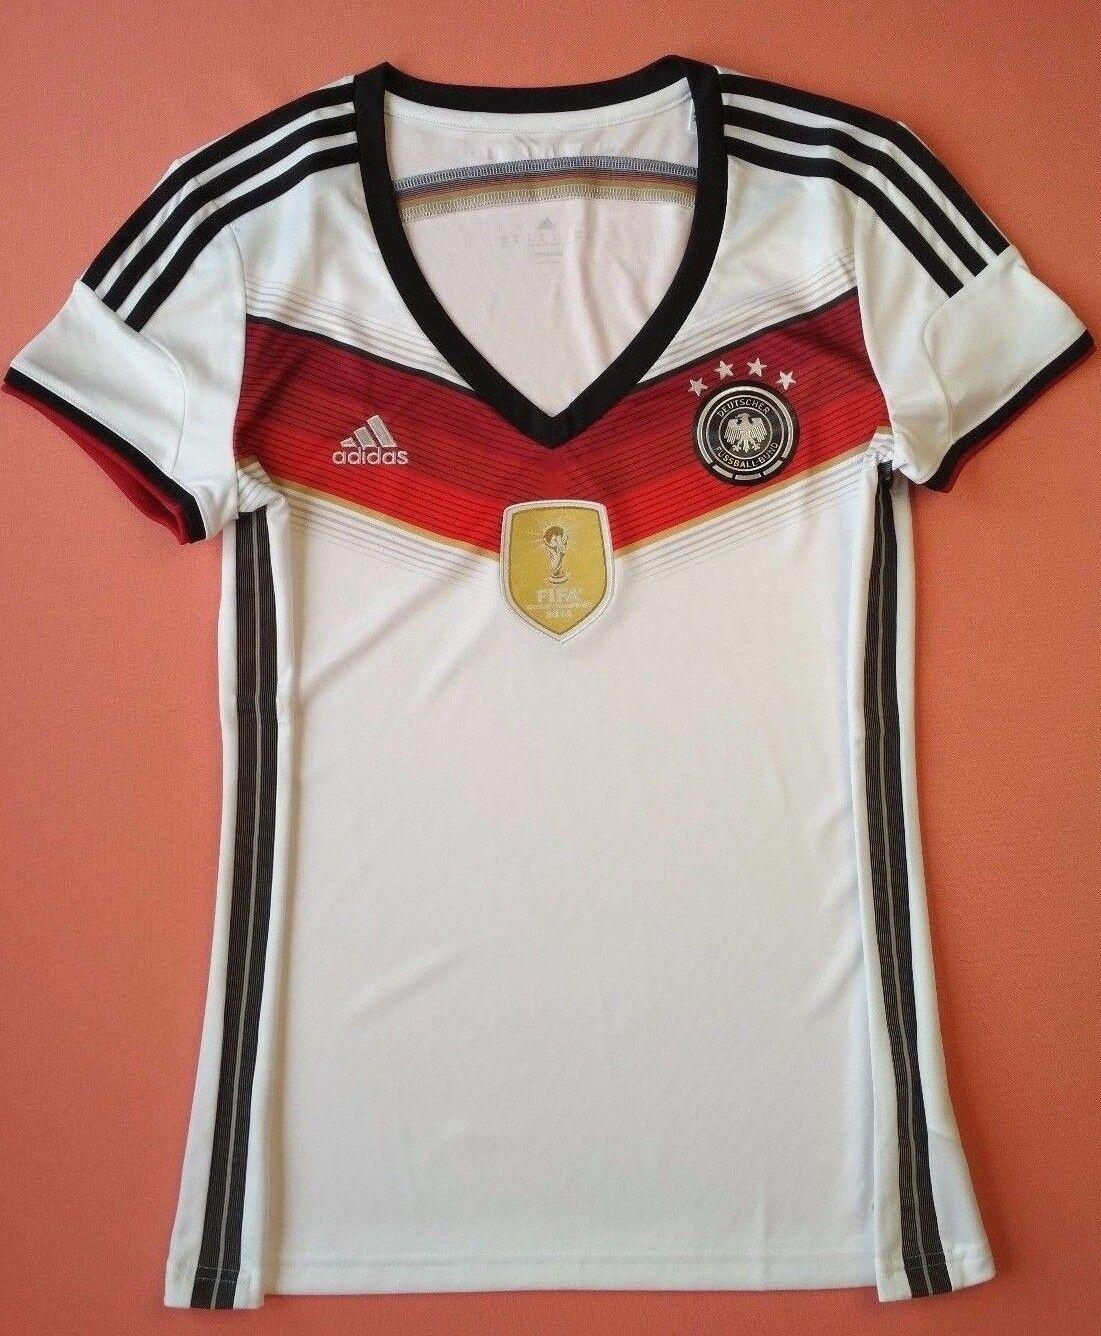 Germany womens soccer jersey XL 2014 WORLD CUP Winner Shirt